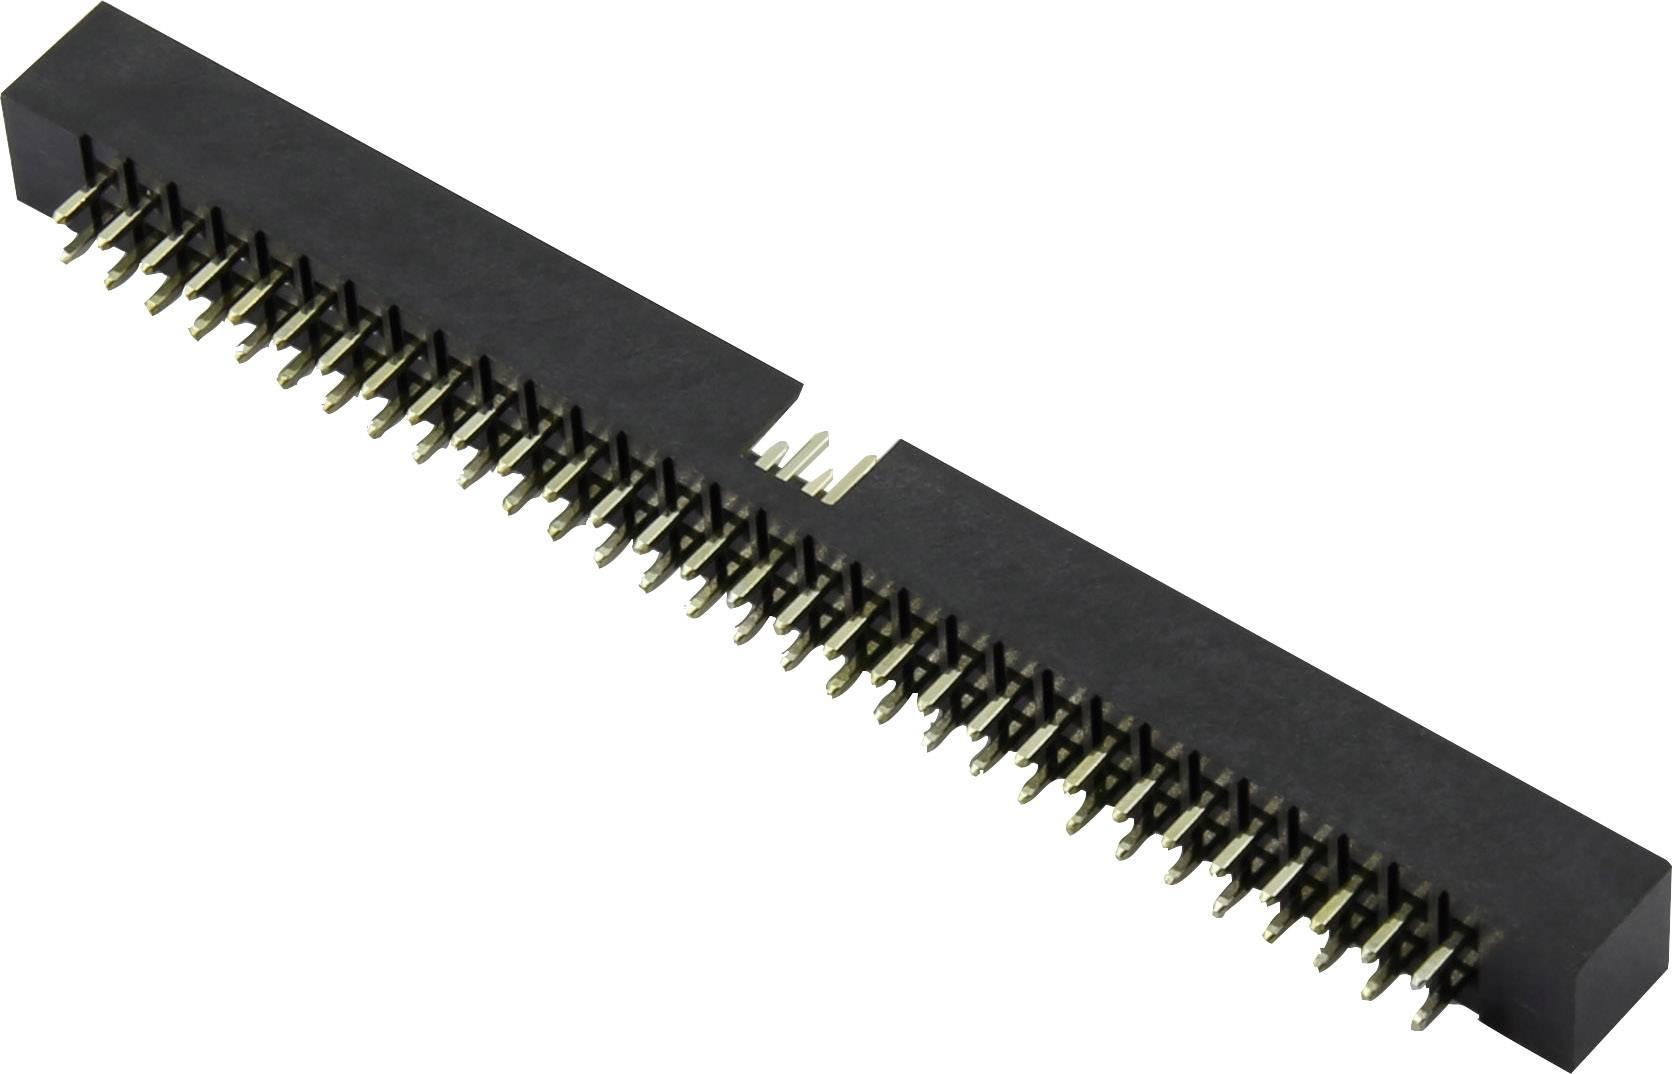 Konektor pro ploché kabely Connfly DS1014-26RF1B, rastr (rozteč): 2 mm, počet pólů: 26, 1 ks